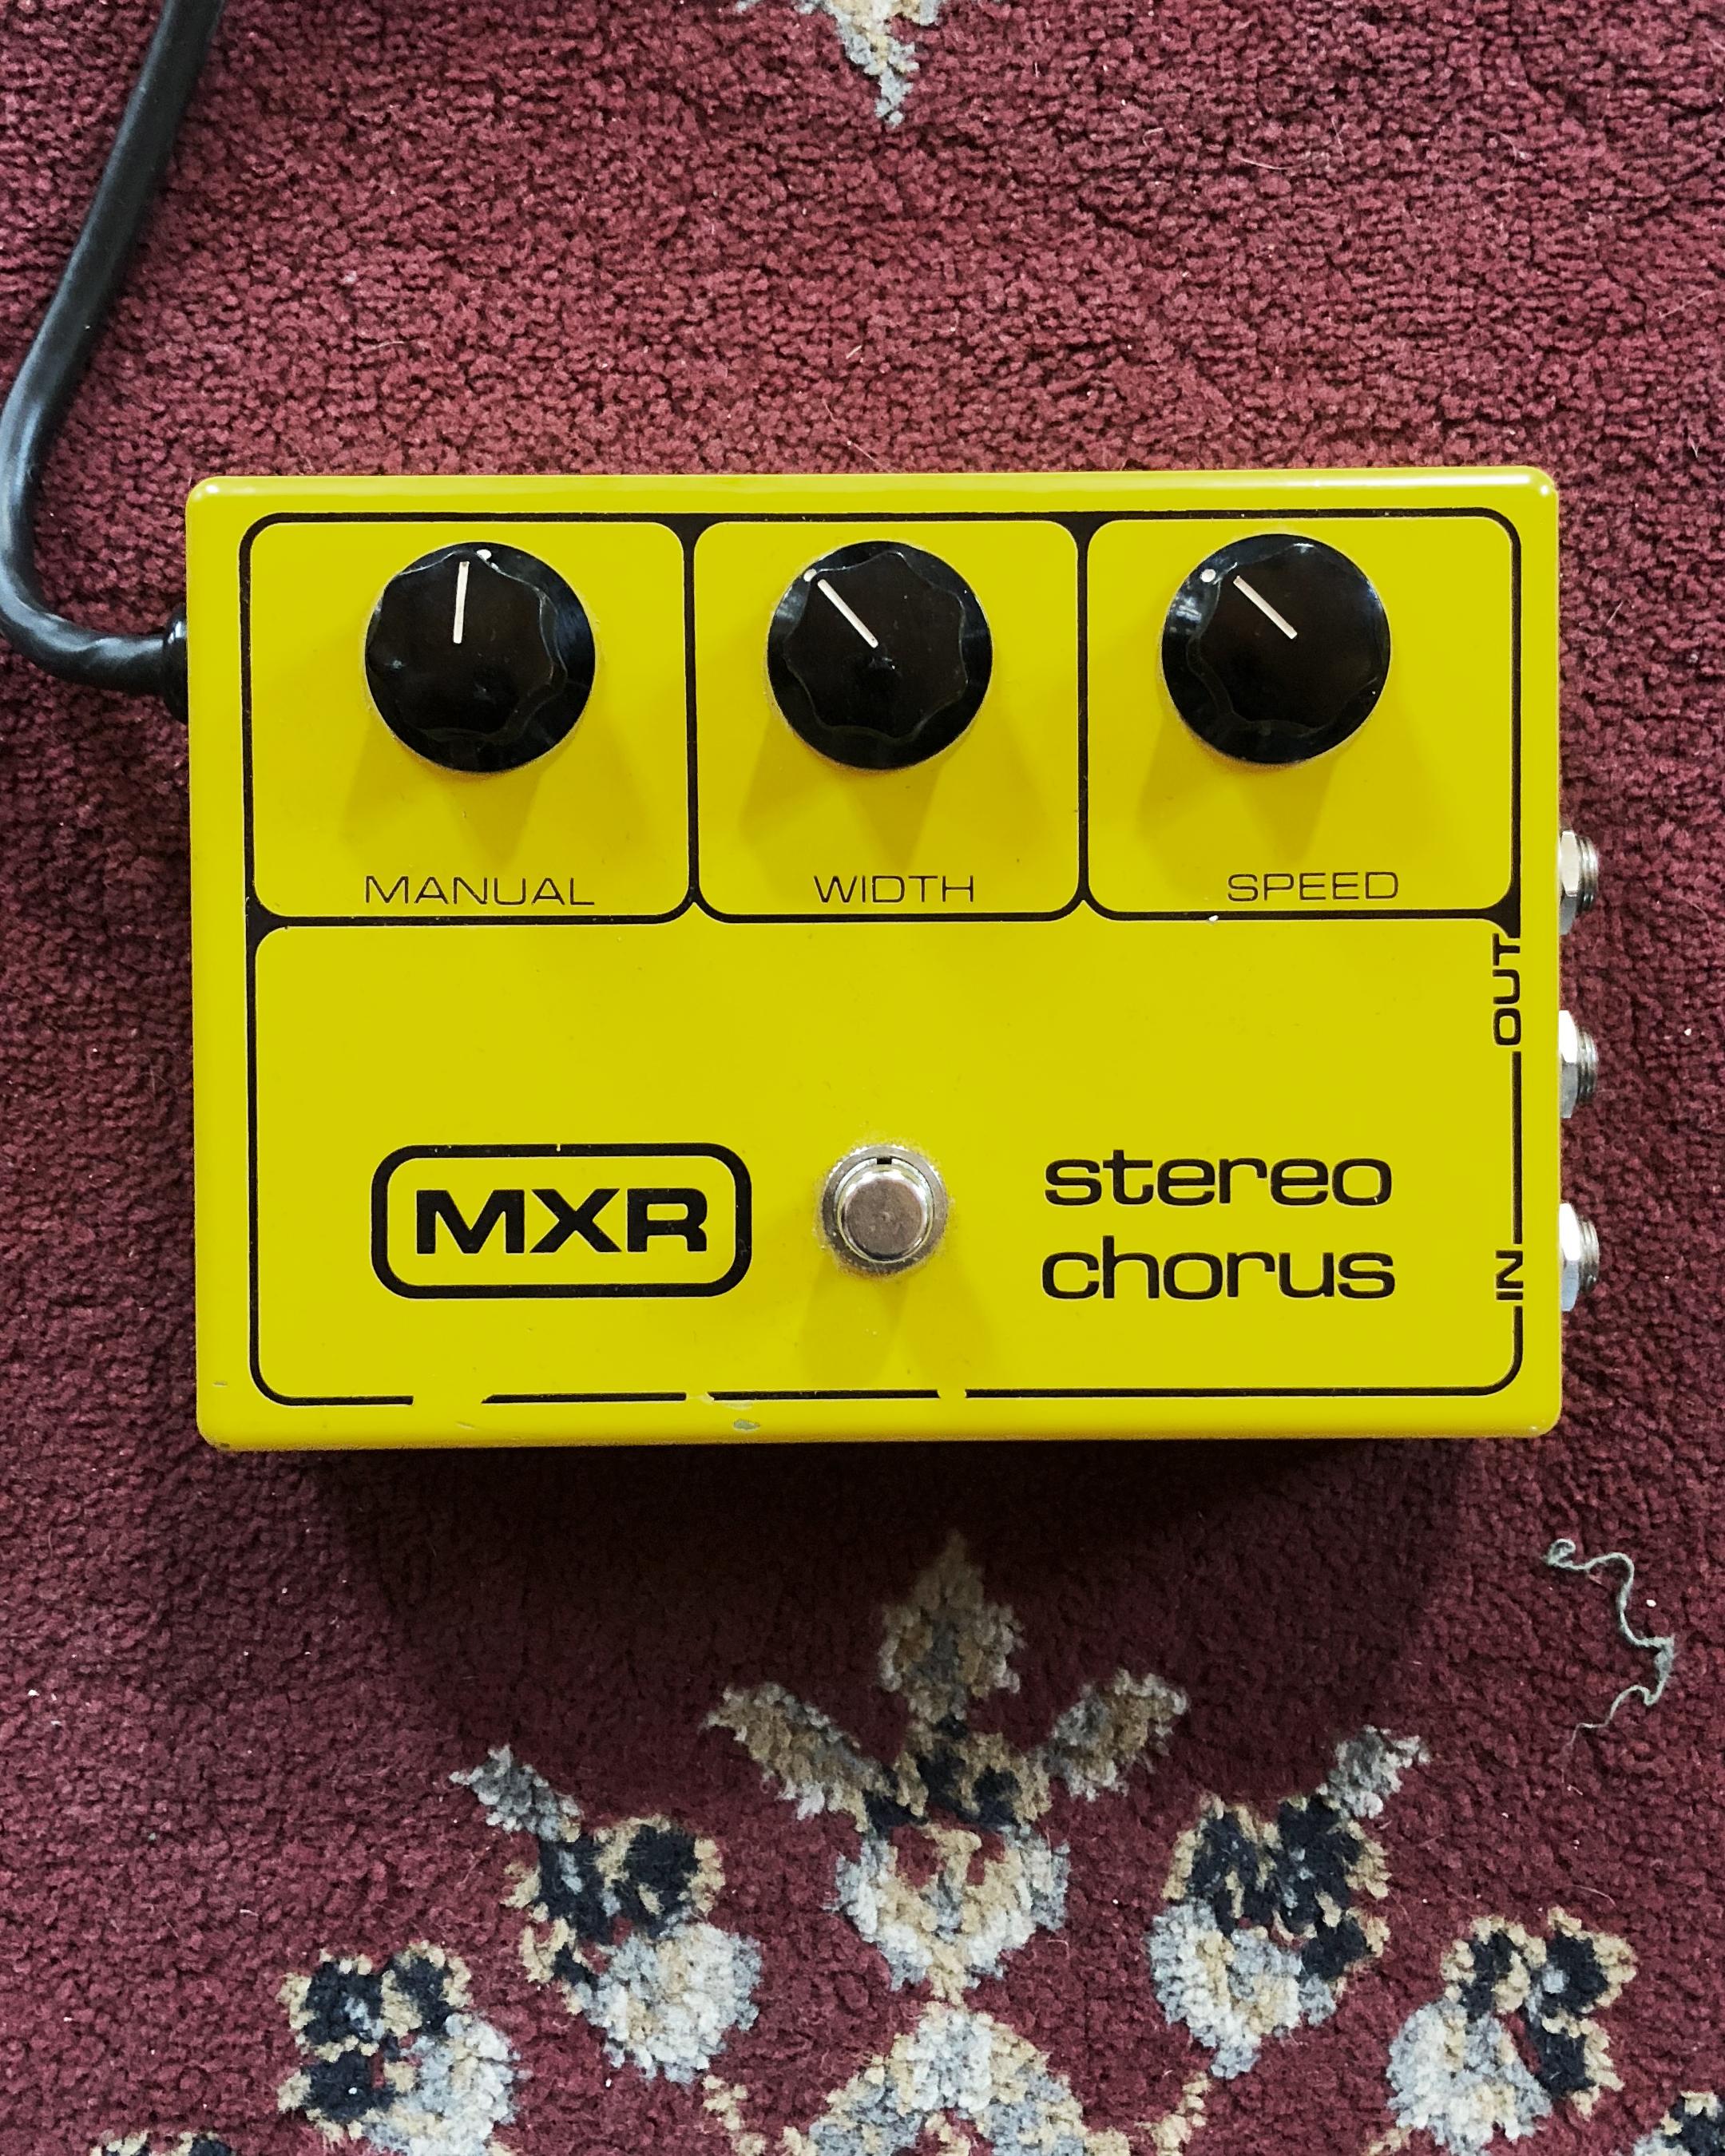 MXR Stereo Chorus